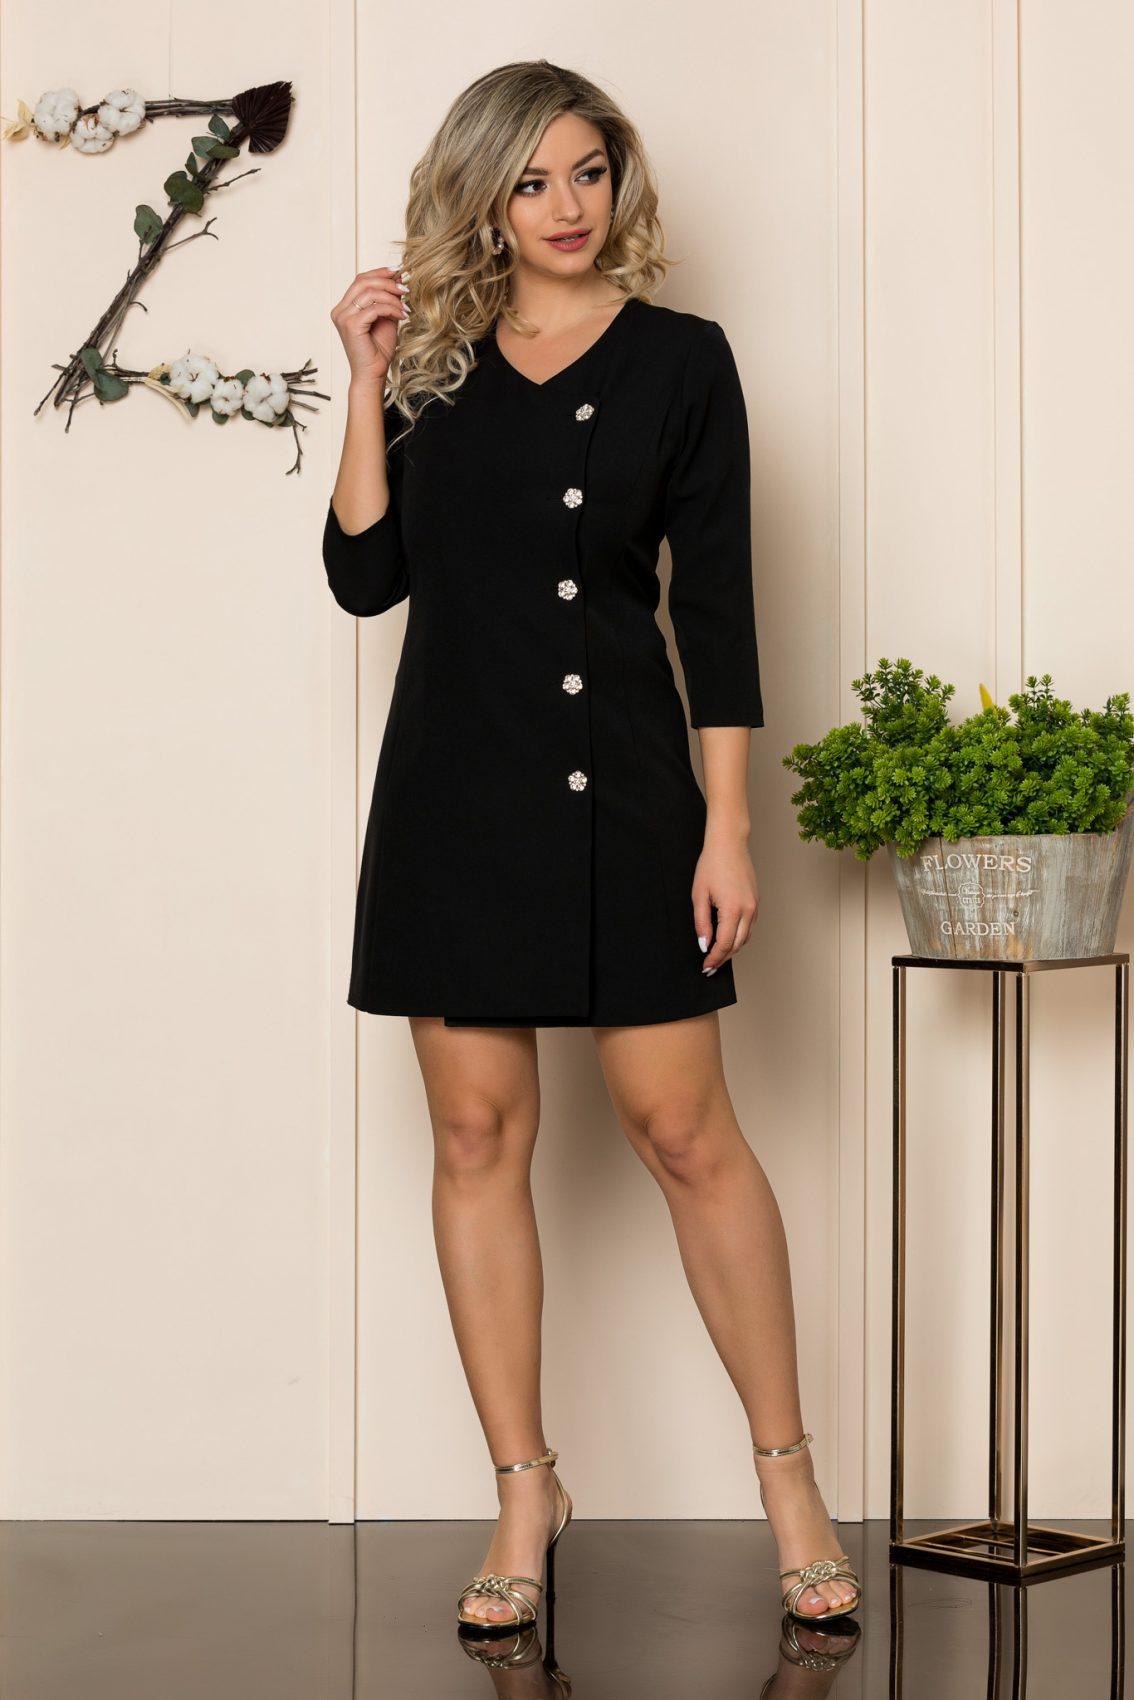 Μαύρο Φόρεμα Με Στράς Κουμπιά Savanna 1044 1